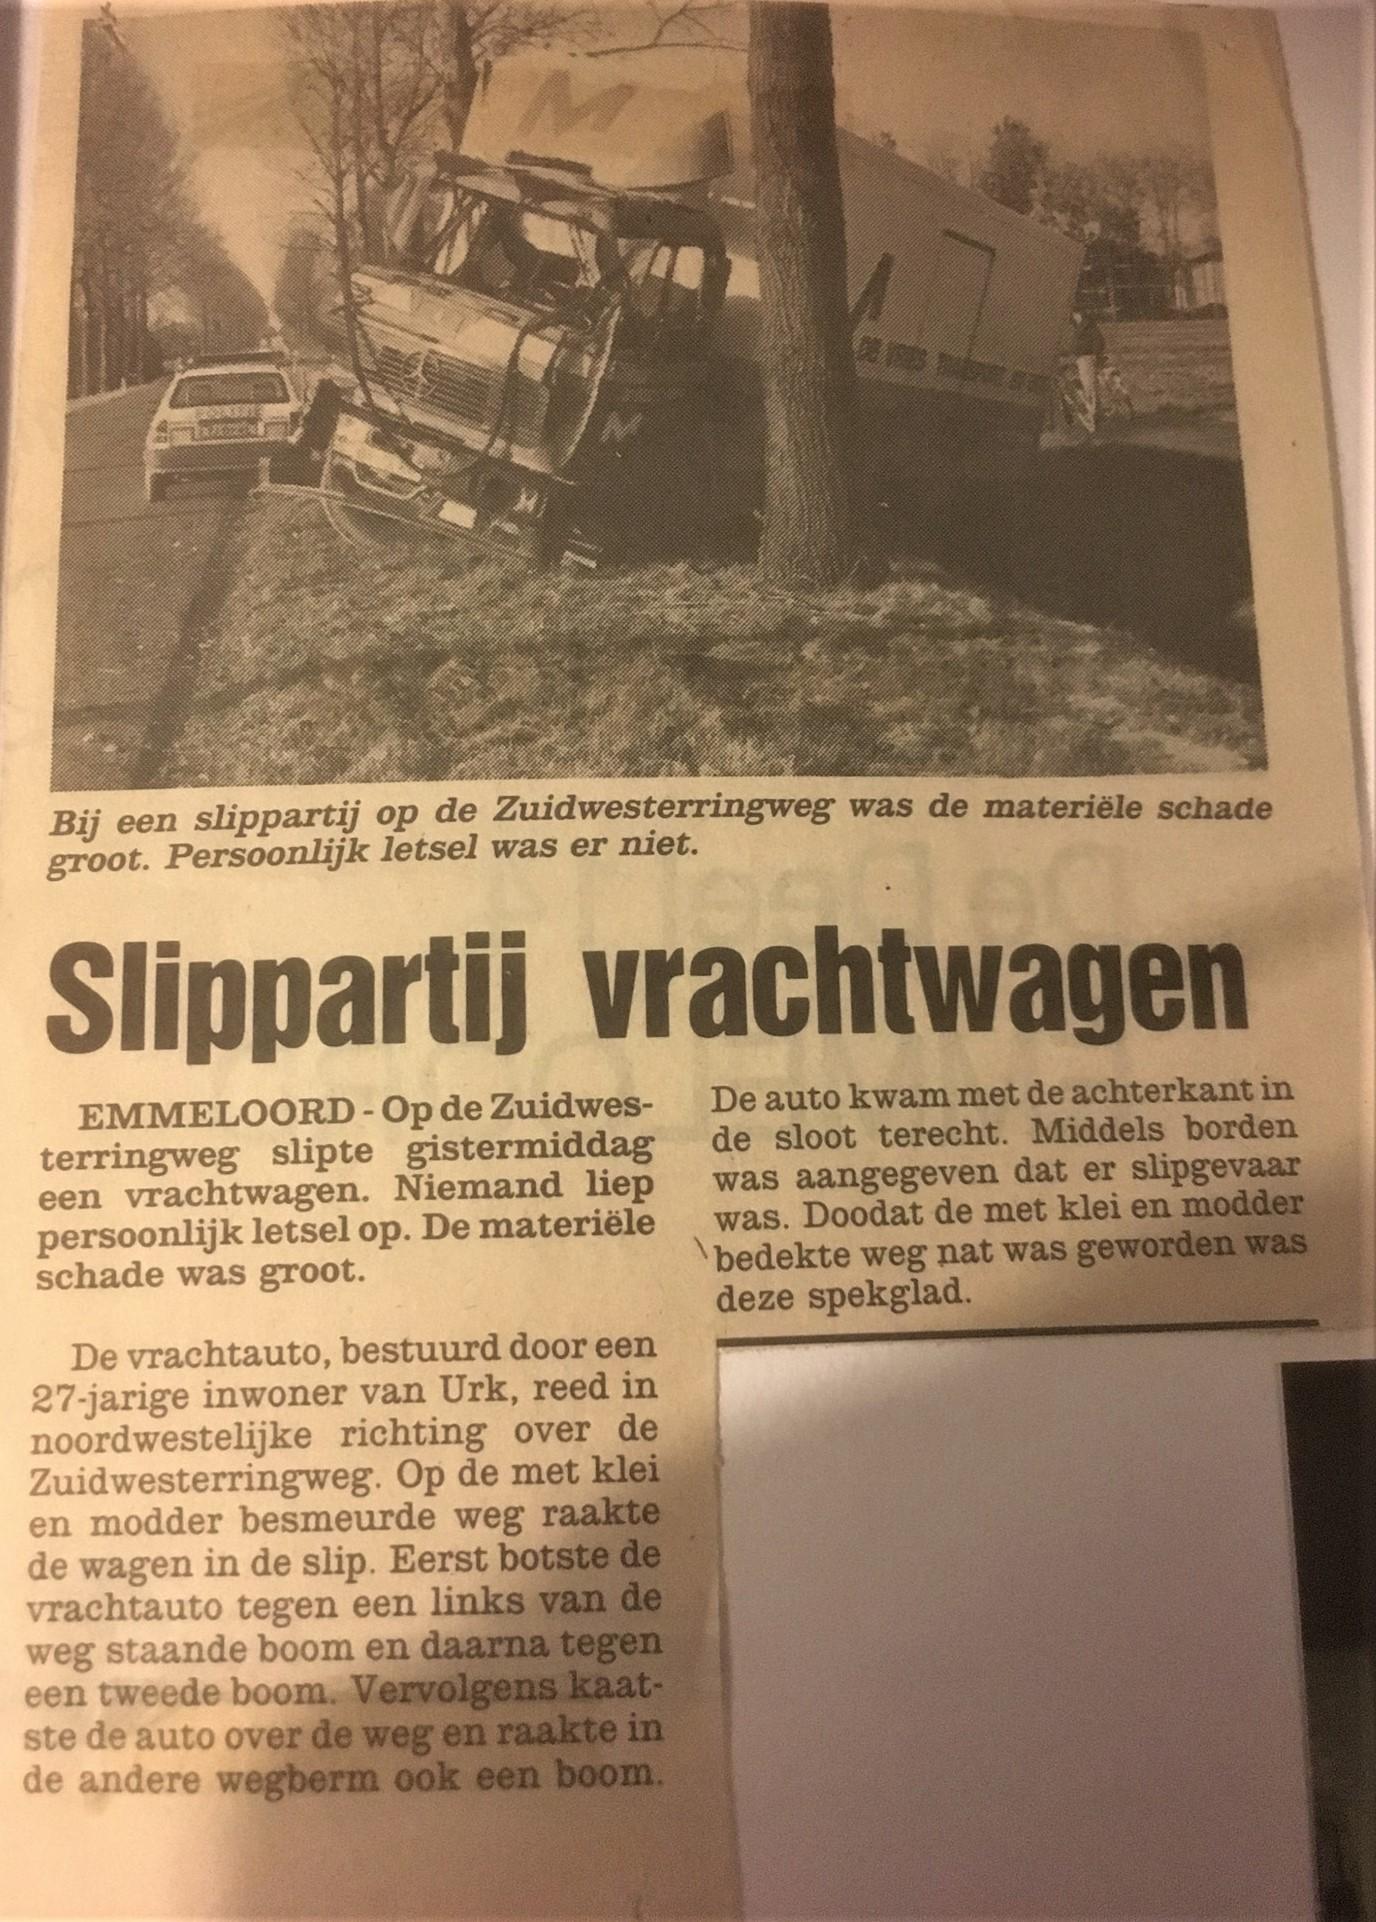 Piet-de-Boer-archief-Media